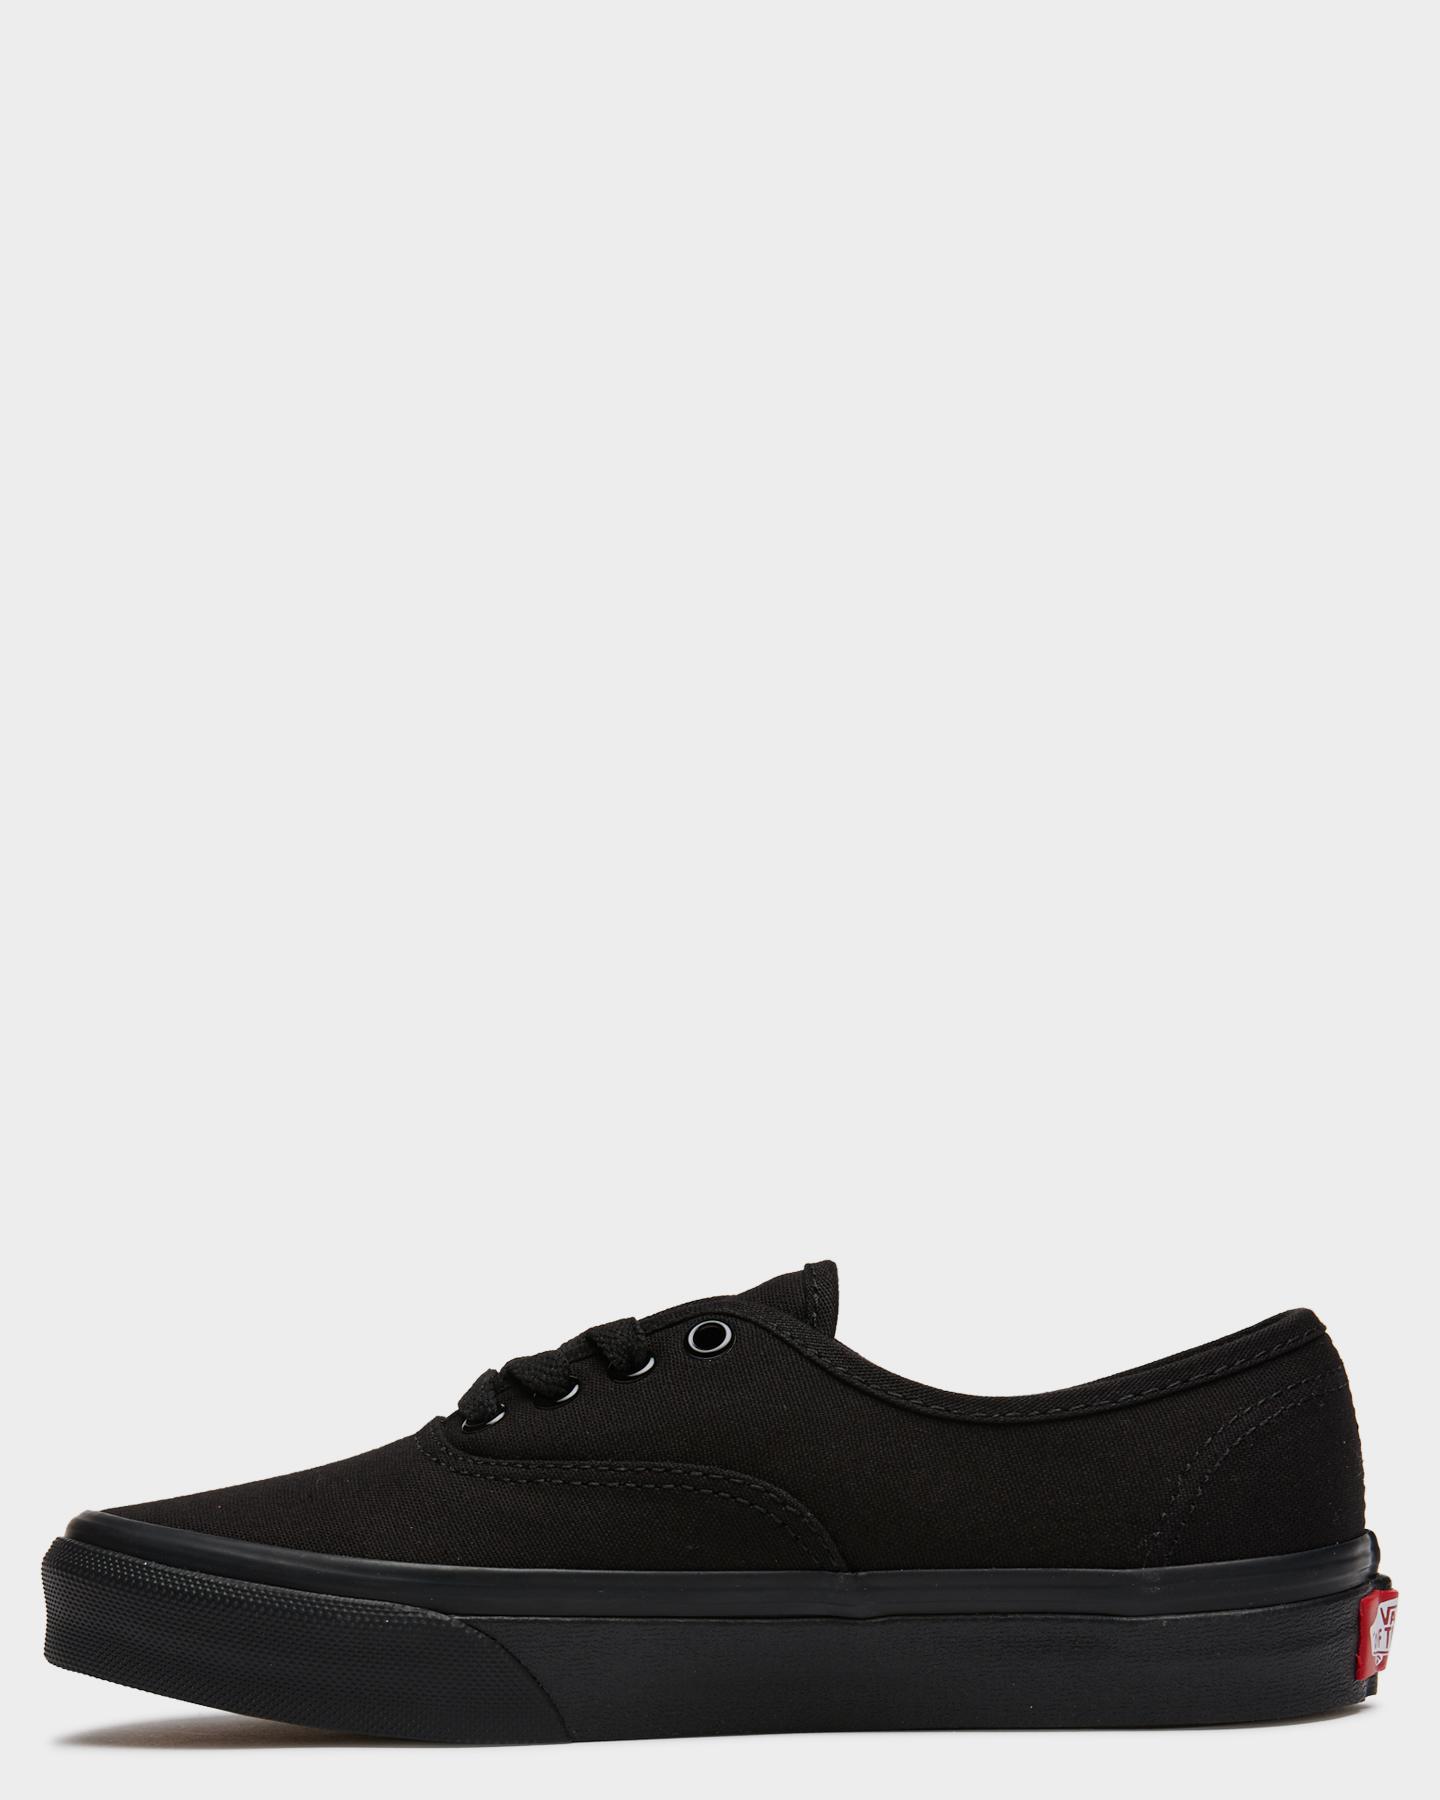 NEW-Vans-Shoes-Boys-Kids-Authentic-Shoe-Rubber-Soft-Children-Black-Footwear thumbnail 2